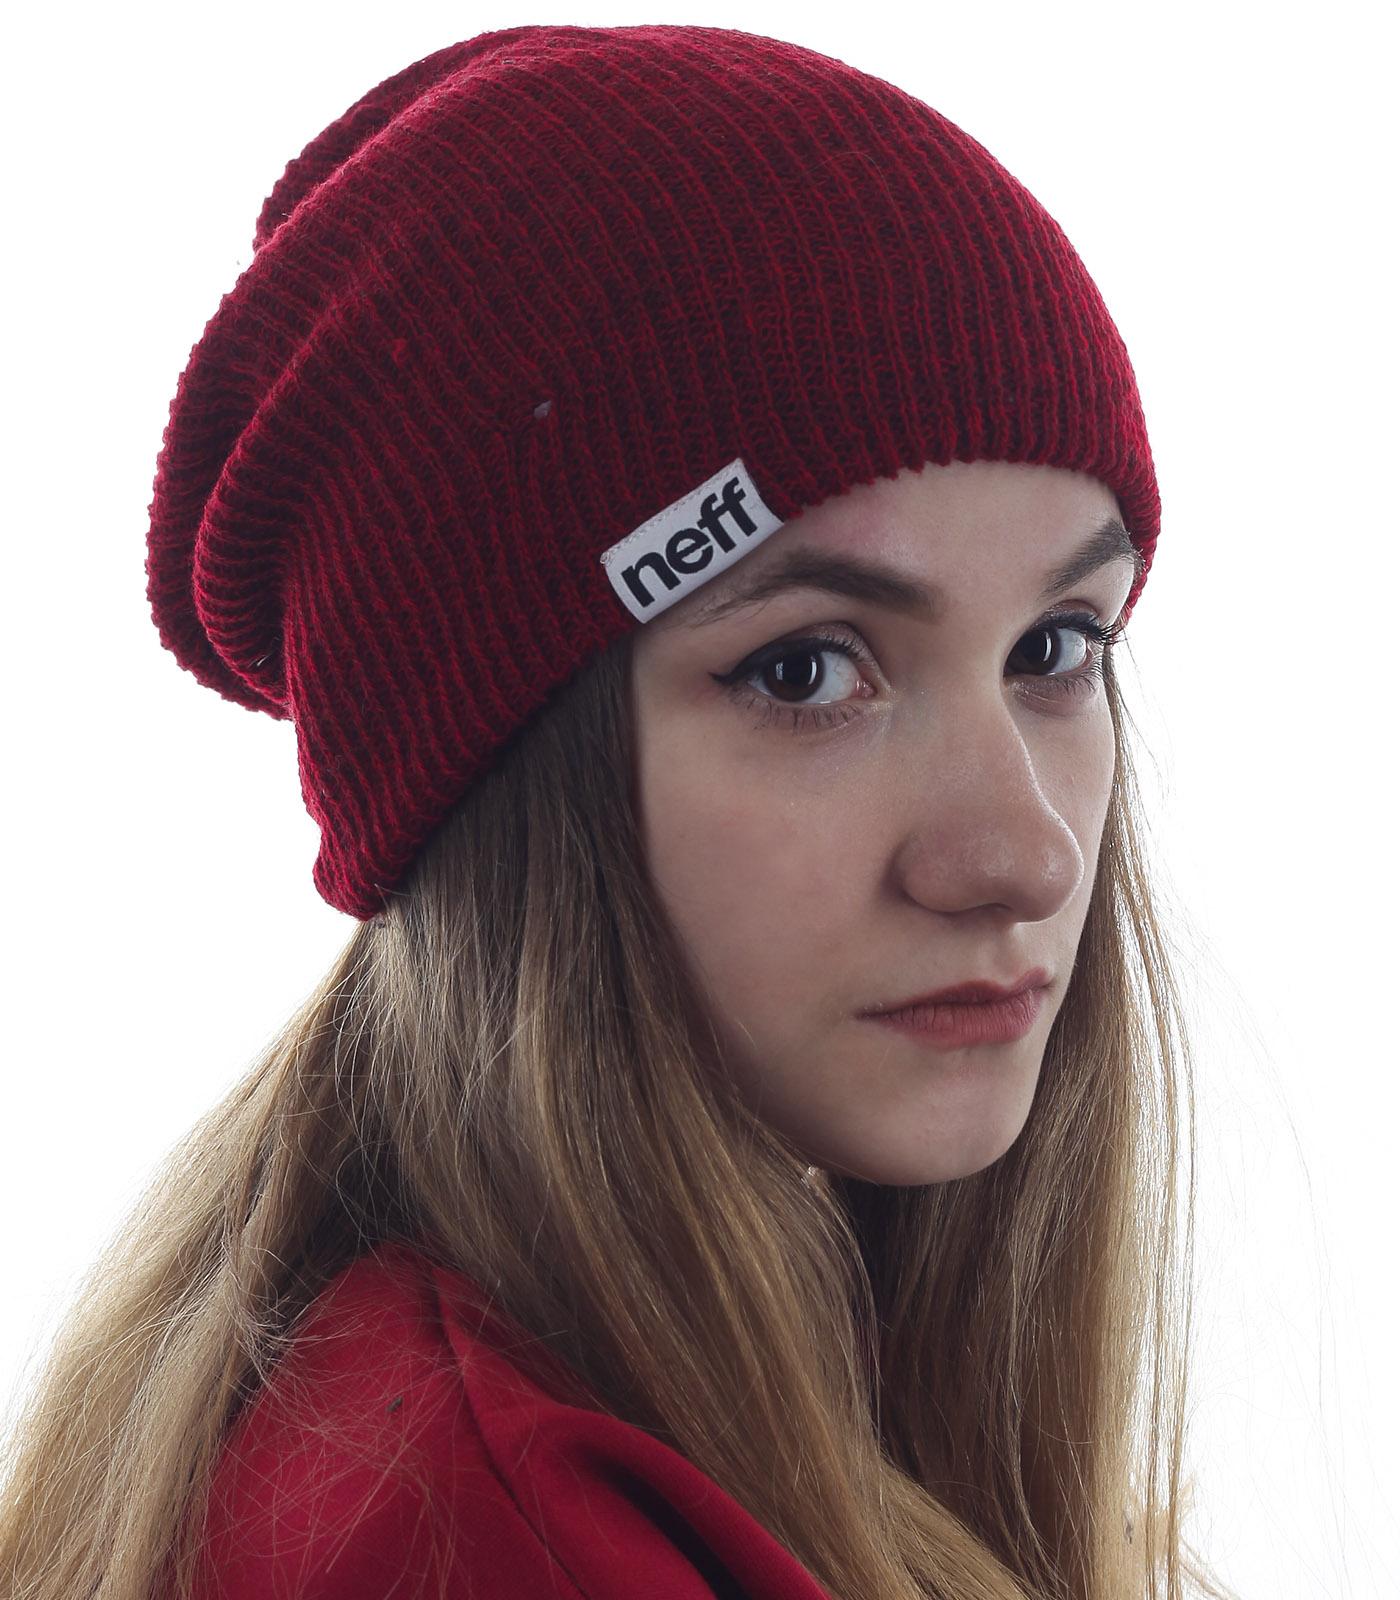 Уютная шапочка от Neff для девушек, ценящих стиль и качество. Популярный головной убор, который подчеркнет красоту лица и не даст замерзнуть